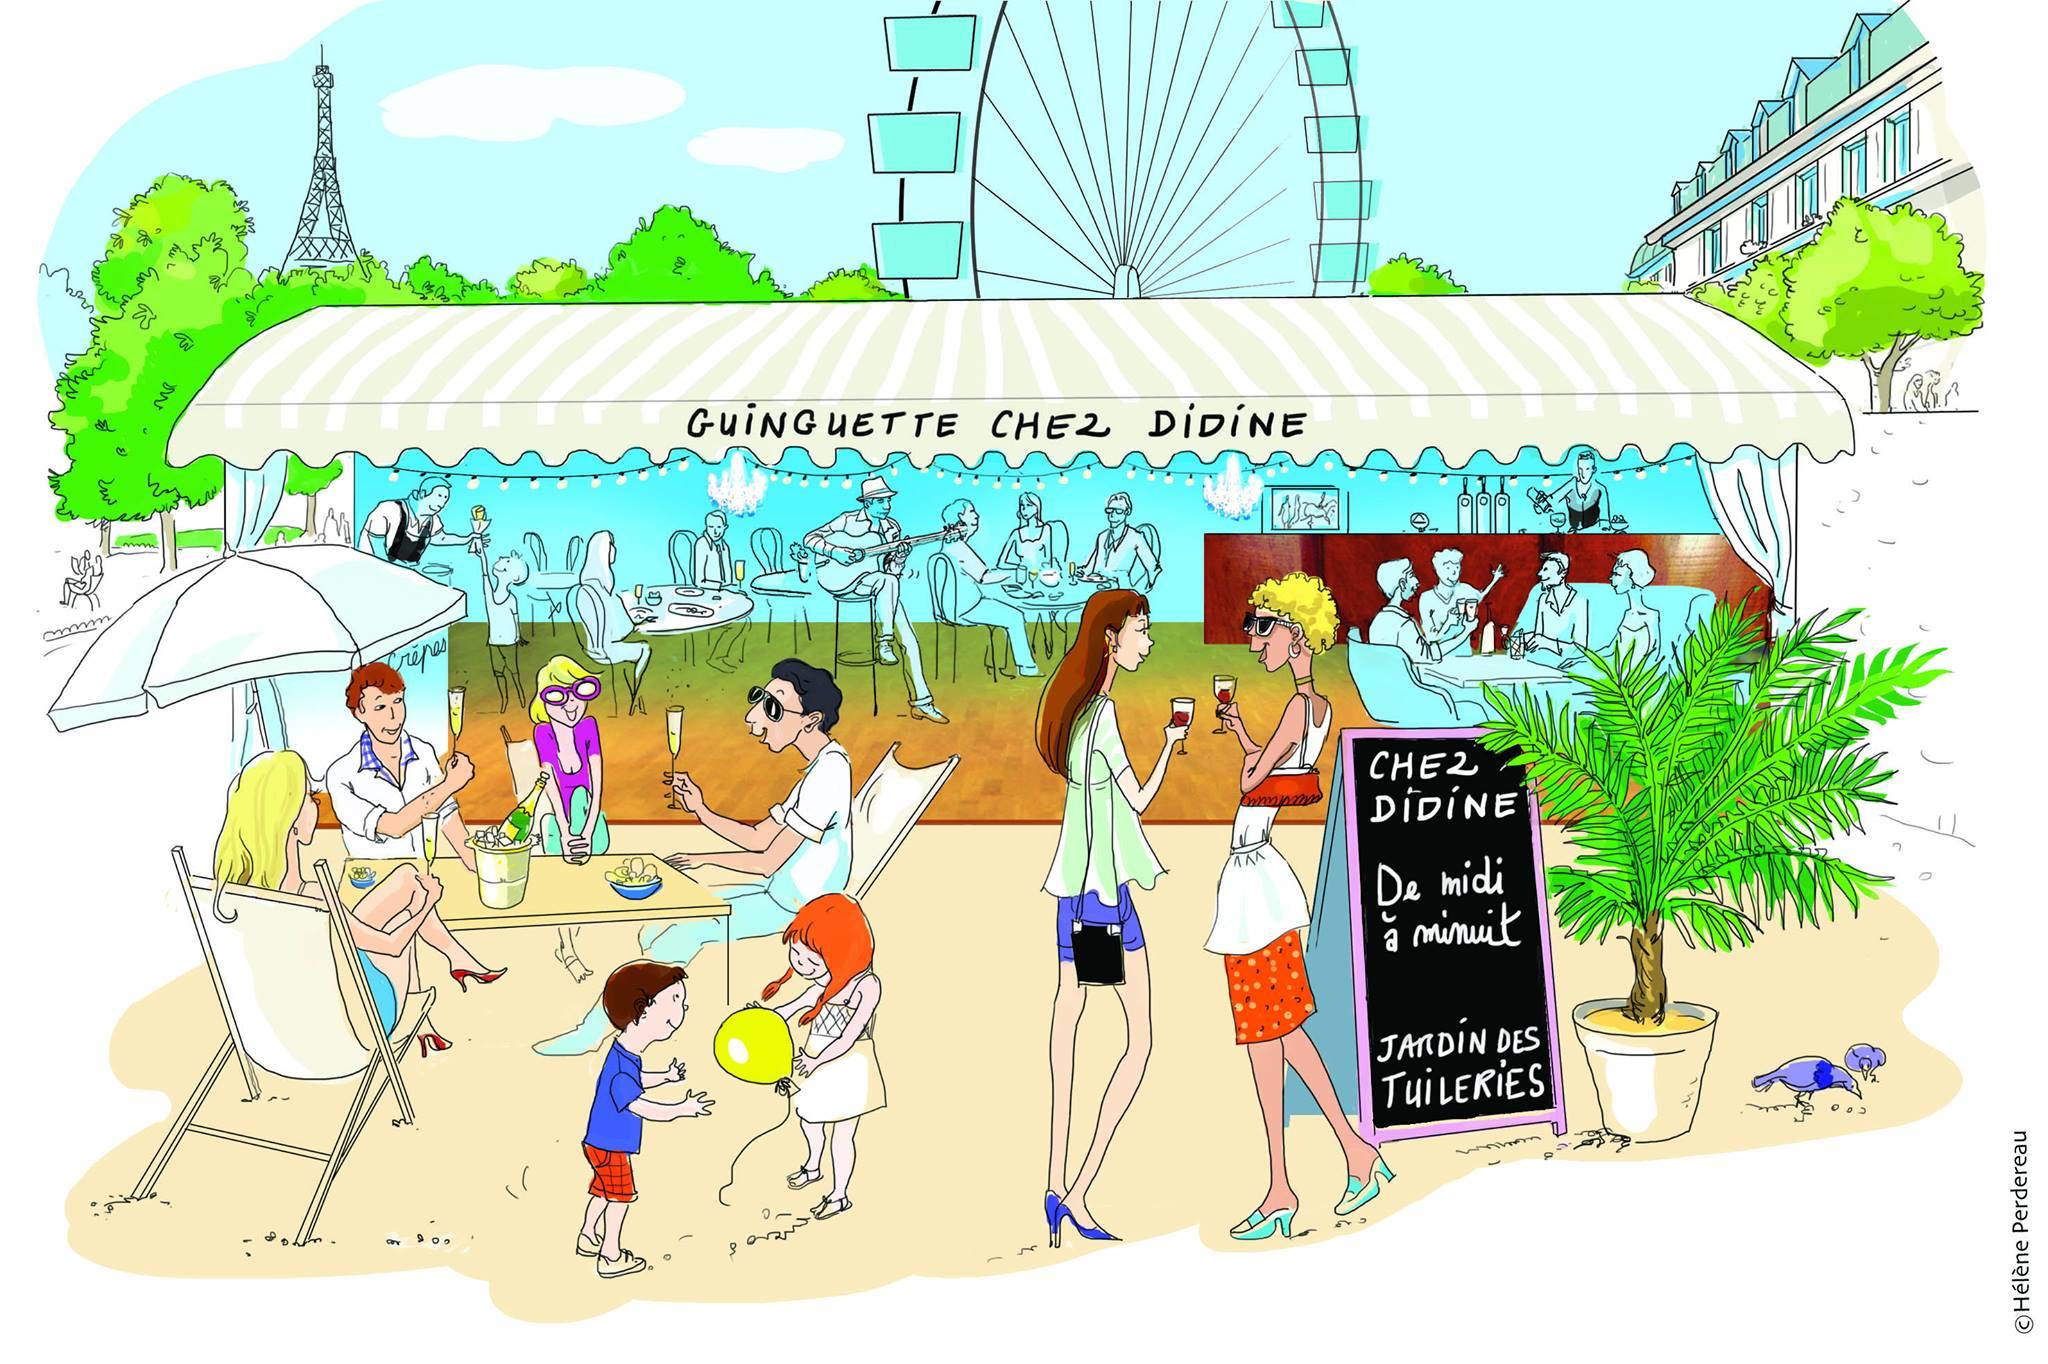 La guinguette chez didine jardin des tuileries le - Terrasse des feuillants jardin des tuileries ...